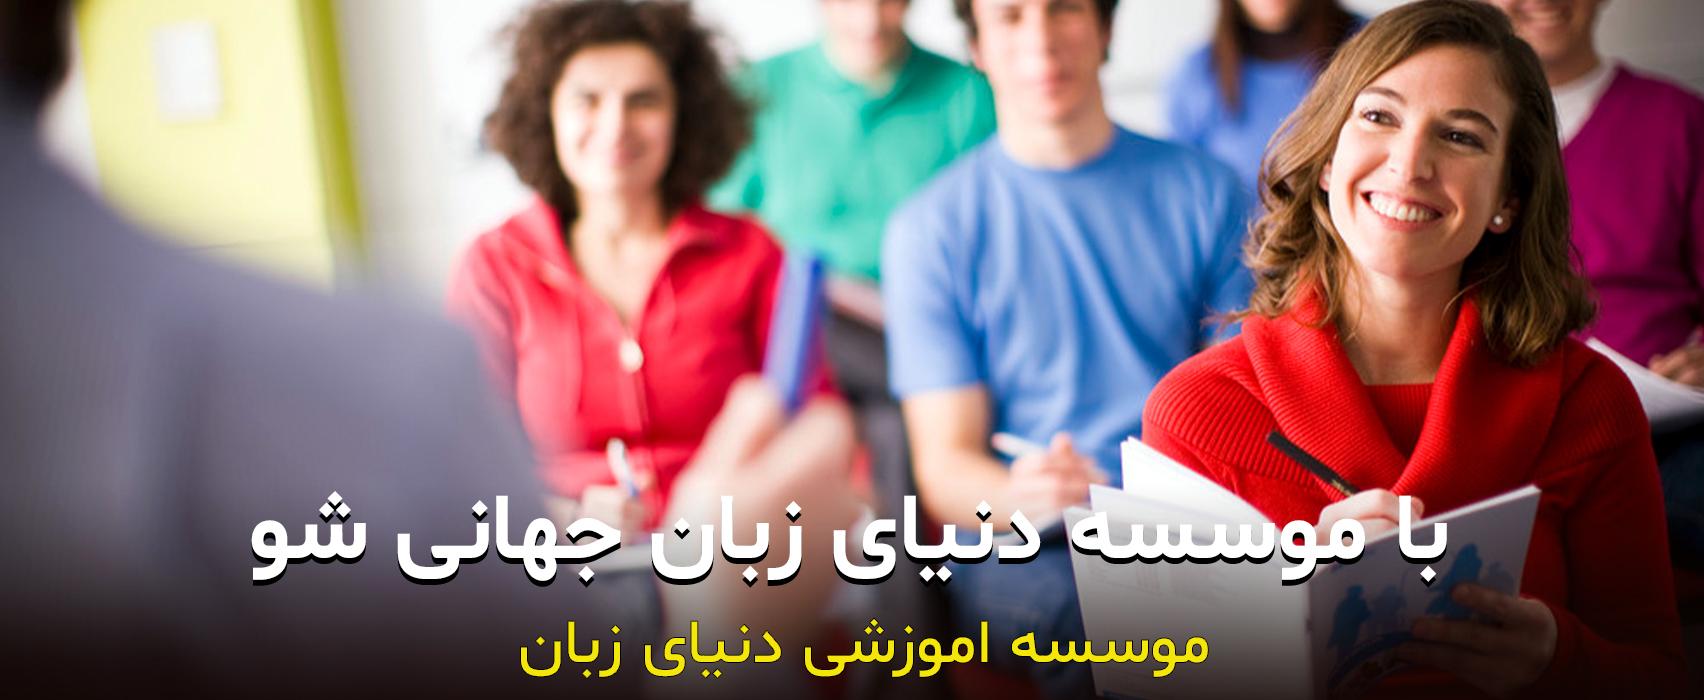 تدریس خصوصی زبان در موسسه دنیای زبان